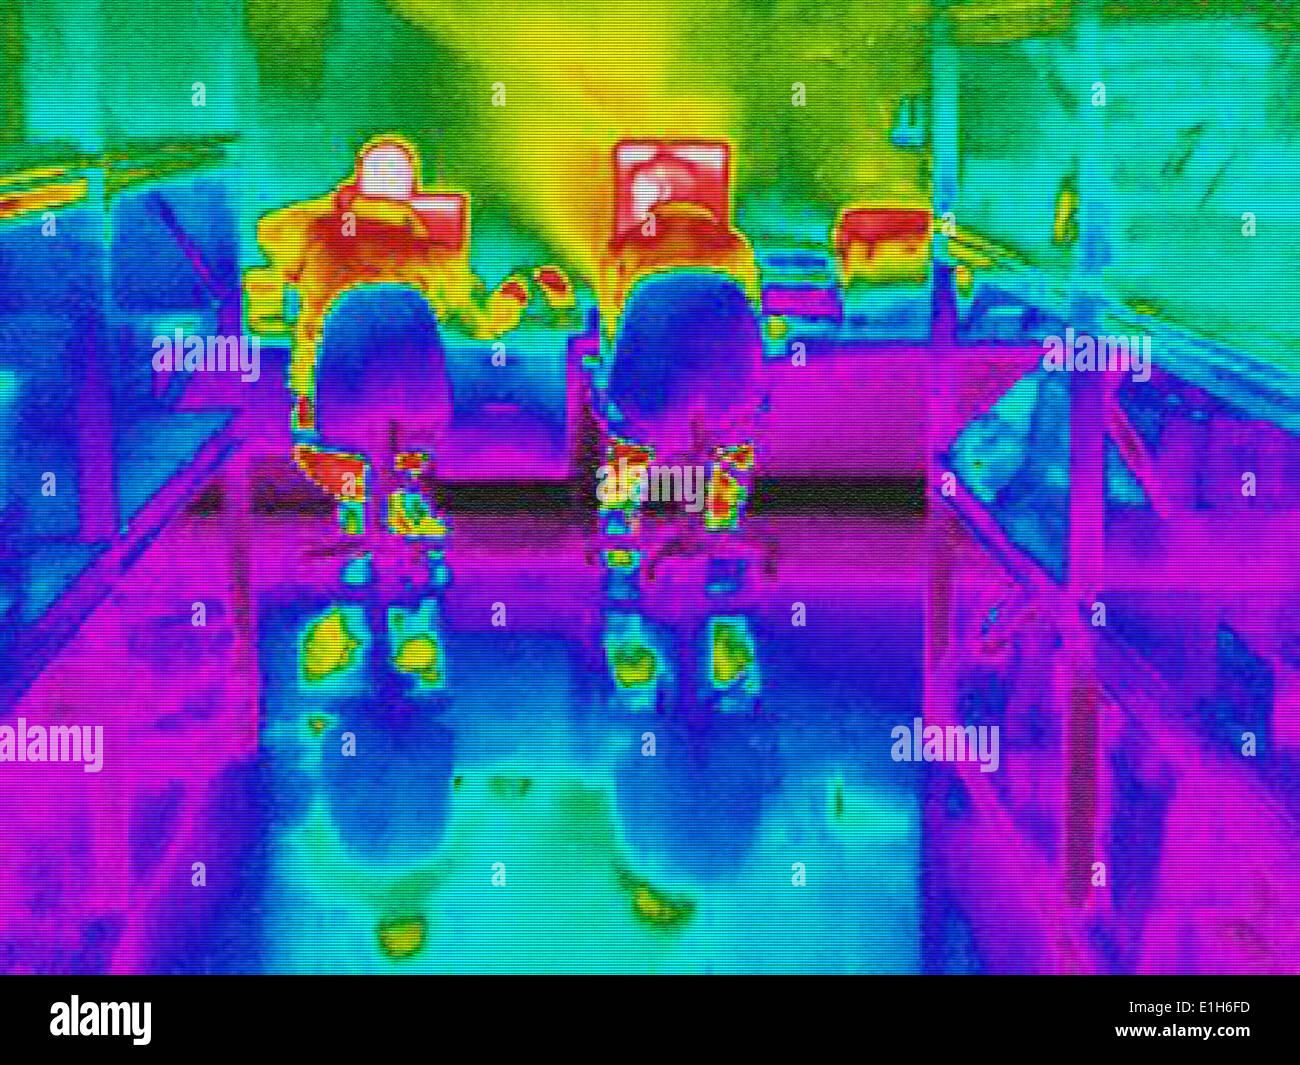 Infra Red Heat Bild von Arbeitnehmern und Wärmeverlust am Computer-Arbeitsplatz Stockbild